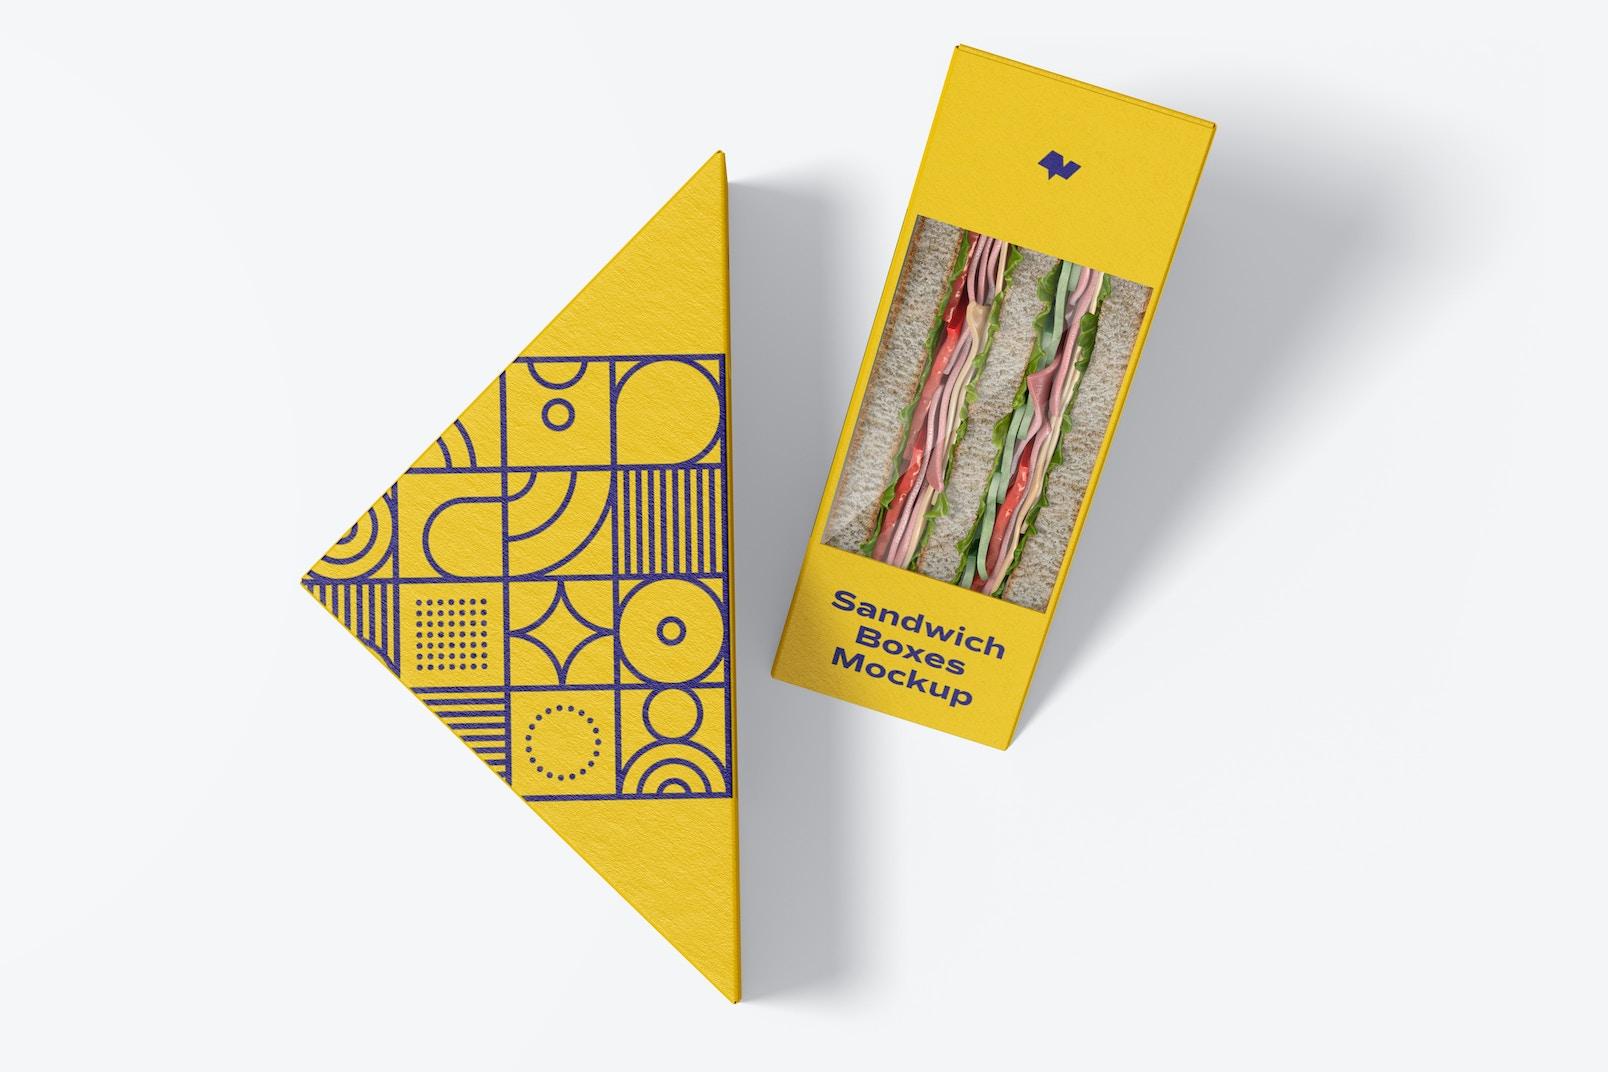 Sandwich Boxes Mockup, Top View